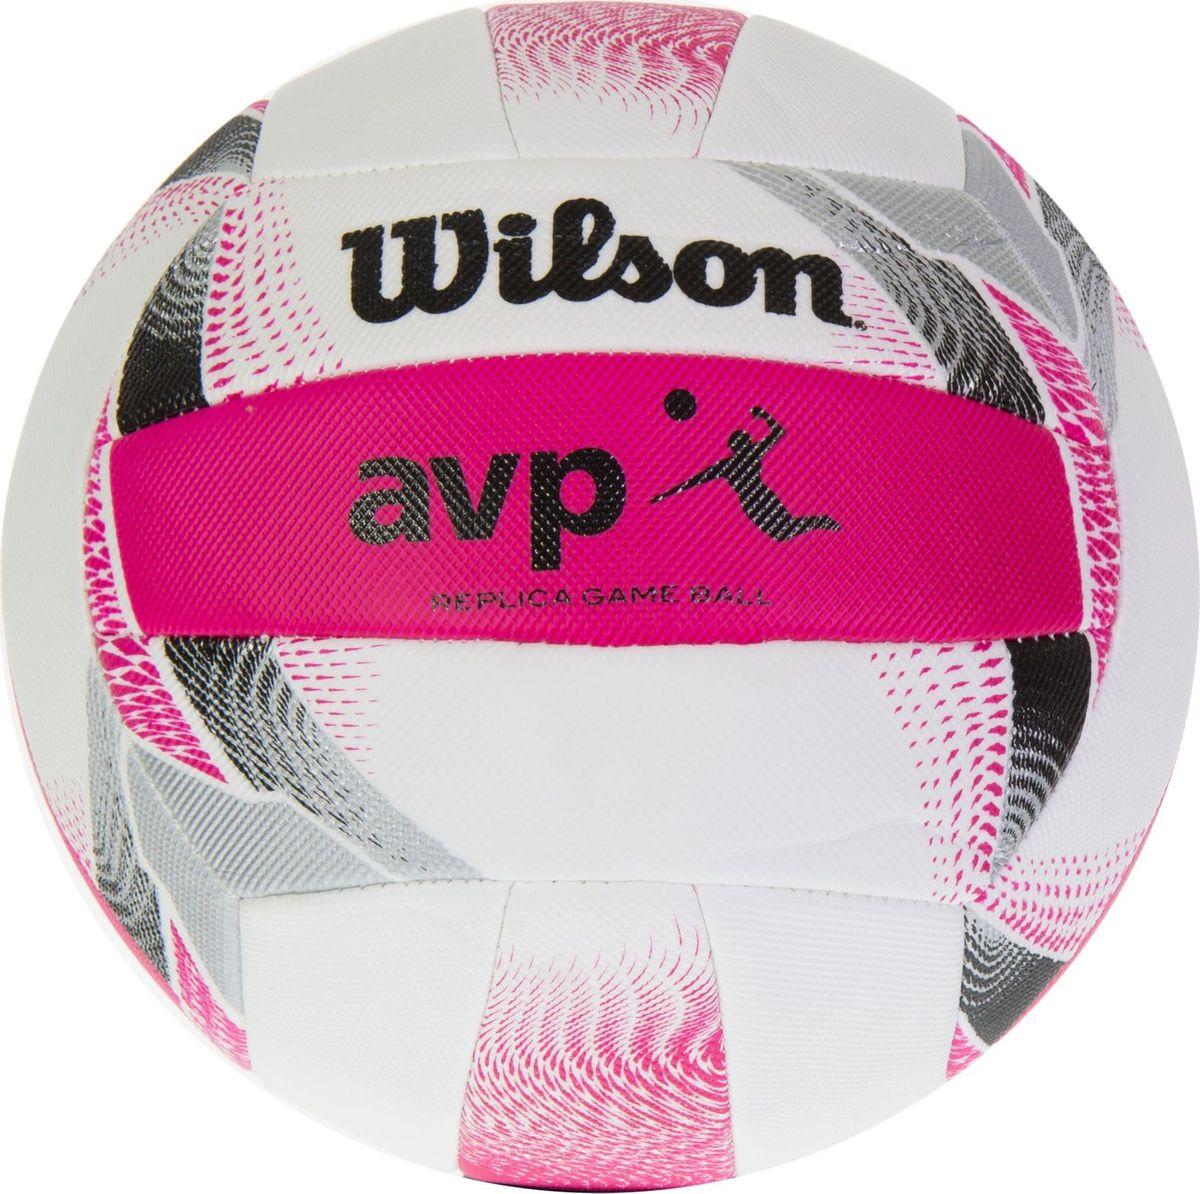 Мяч волейбольный Wilson AVP II Replica, цвет: белый, розовый, диаметр 20 смWTH6027XBВолейбольный мяч Wilson AVP II Replica предназначен для комфортных тренировок и игр команд любого уровня. Покрышка мяча выполнена из высокотехнологичного композитного материала на основе микрофибры, с применением технологии Soft Touch, которая напоминает натуральную кожу и обеспечивает правильный отскок.Мяч состоит из 18 панелей и бутиловой камеры, также армирован подкладочным слоем, выполненным из ткани.Мяч отлично подойдет для тренировок и соревнований команд высокого уровня.УВАЖАЕМЫЕ КЛИЕНТЫ!Обращаем ваше внимание на тот факт, что мяч поставляется в сдутом виде. Насос в комплект не входит.